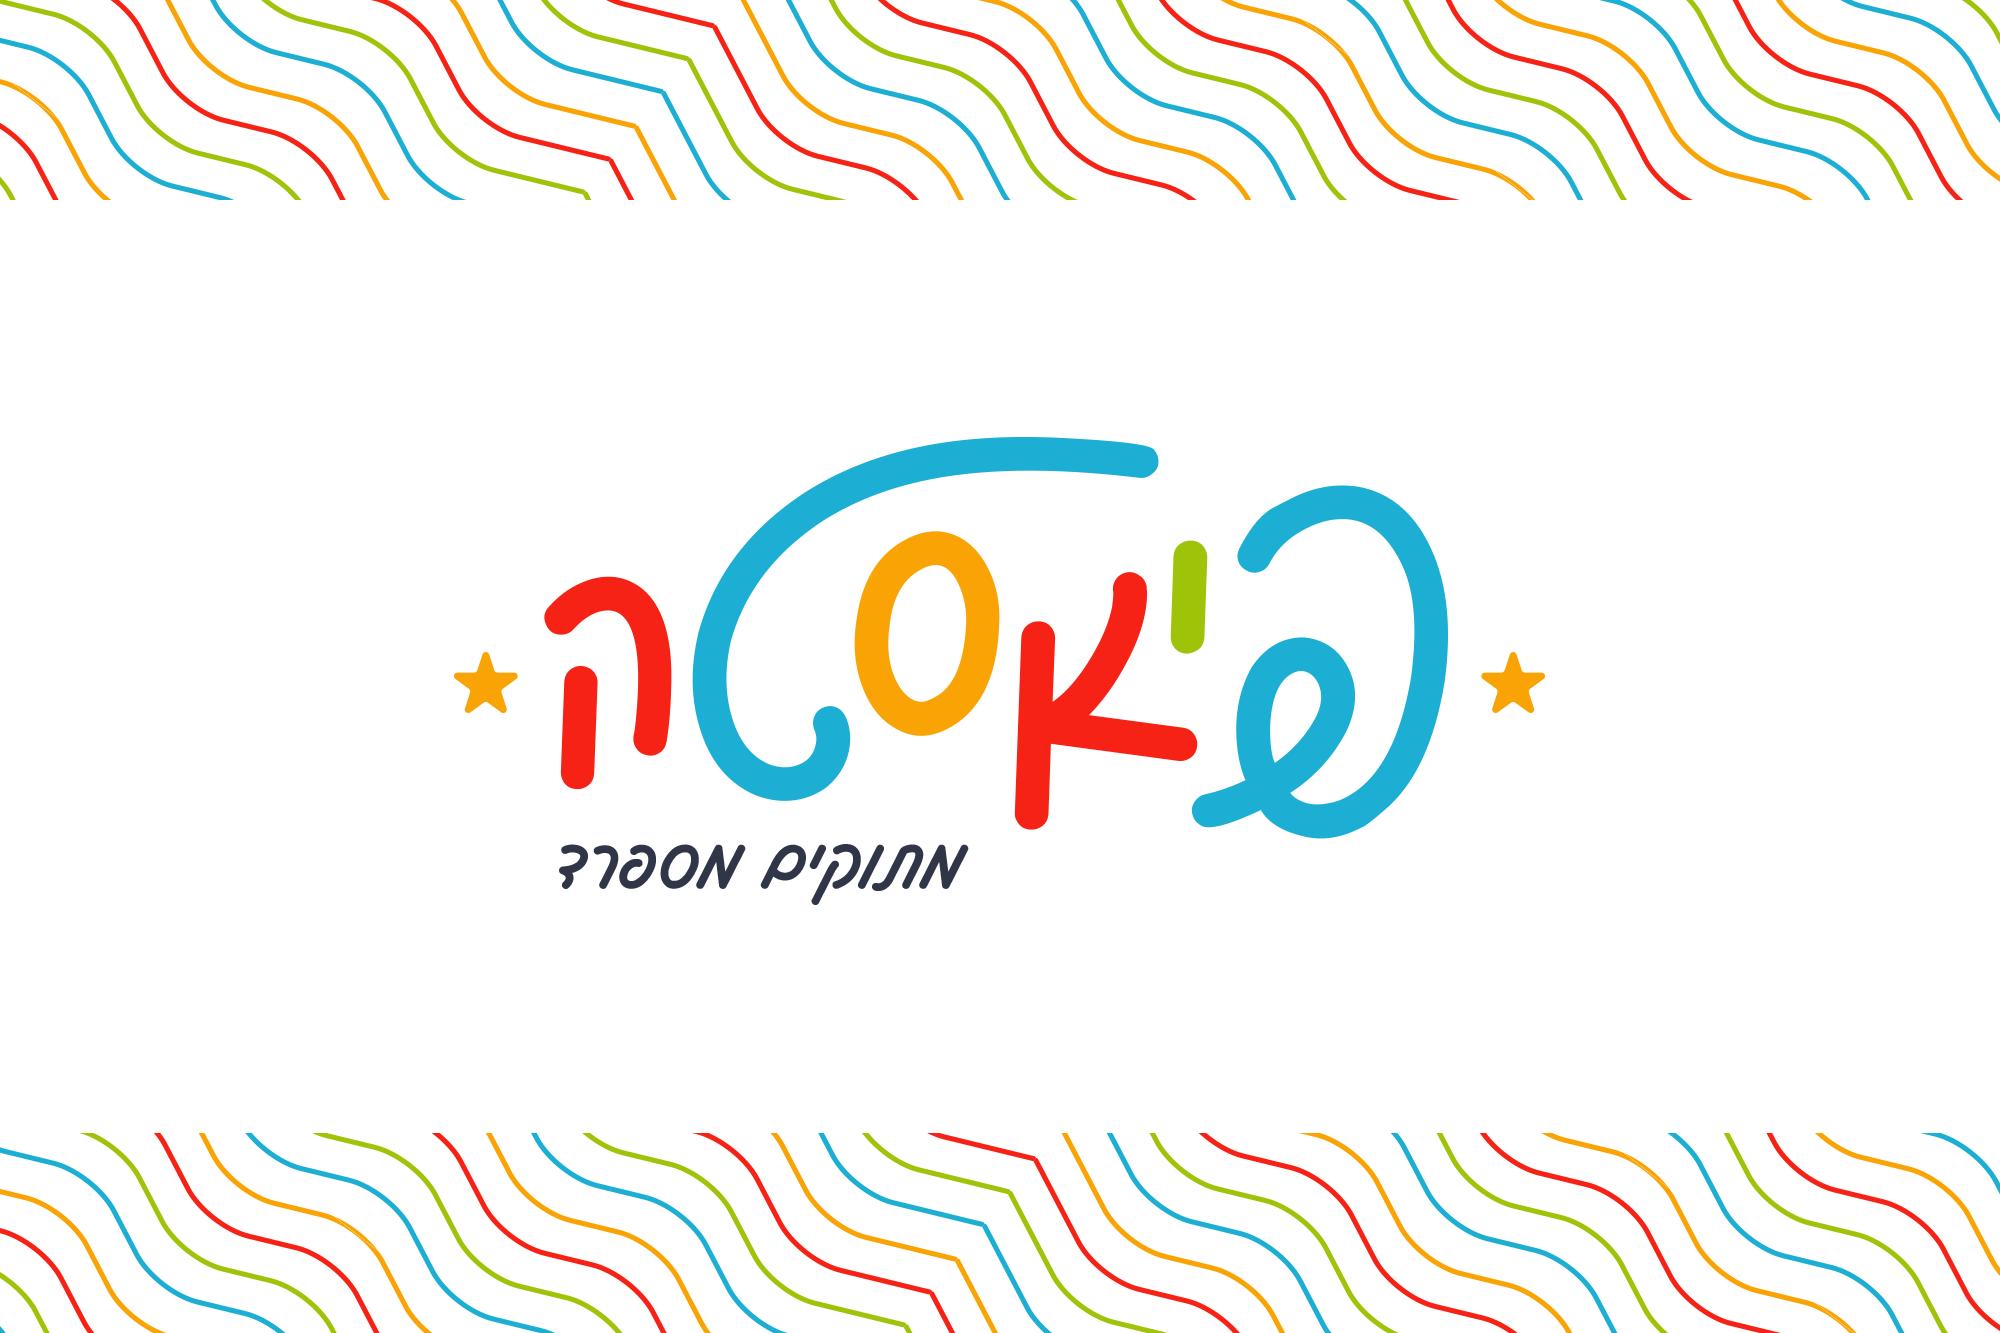 פיאסטה-לוגו – האותיות כולן מפונט סופרנובה